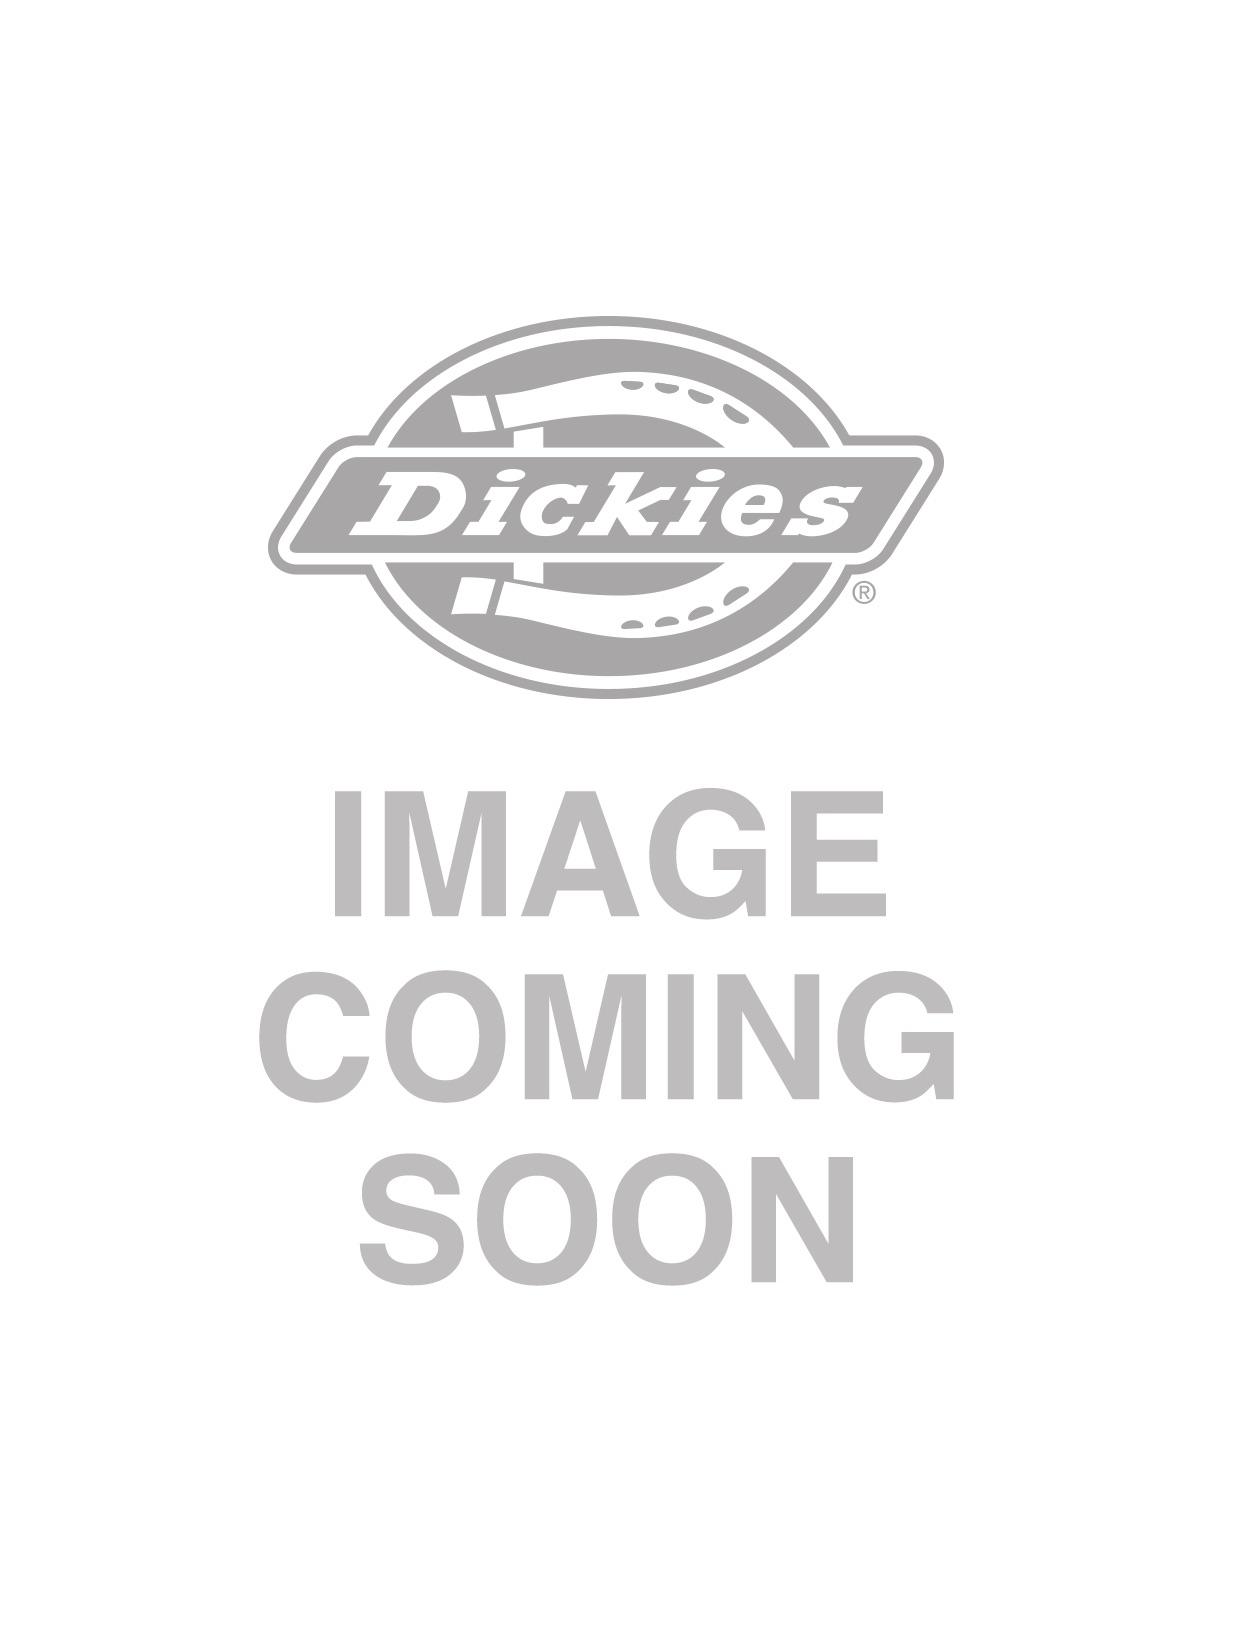 Dickies Vansant Keychain